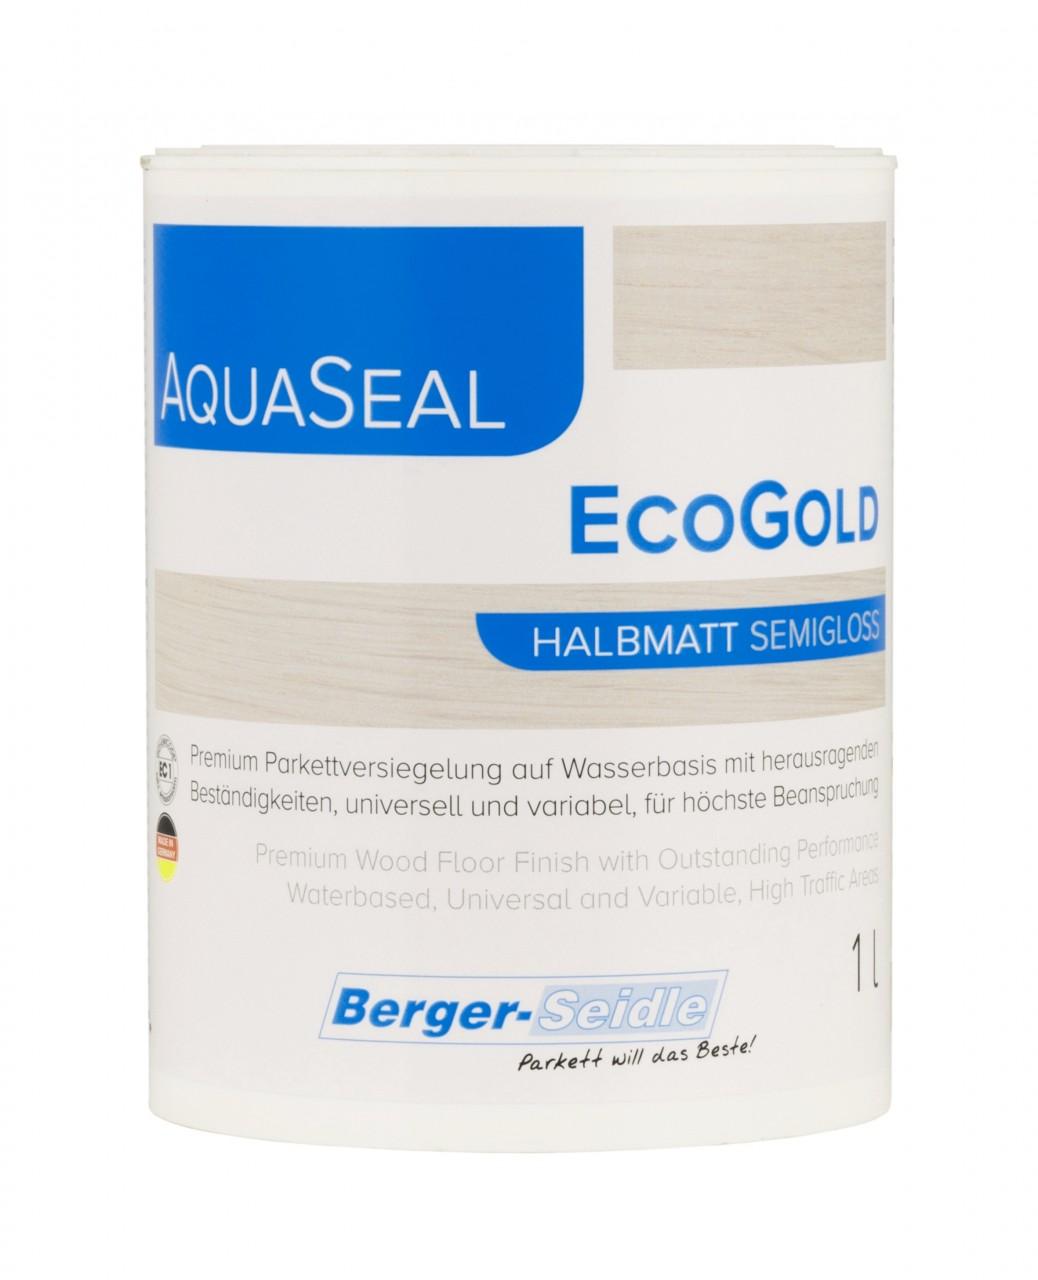 Berger Seidle - Aqua-Seal EcoGold Parkettlack